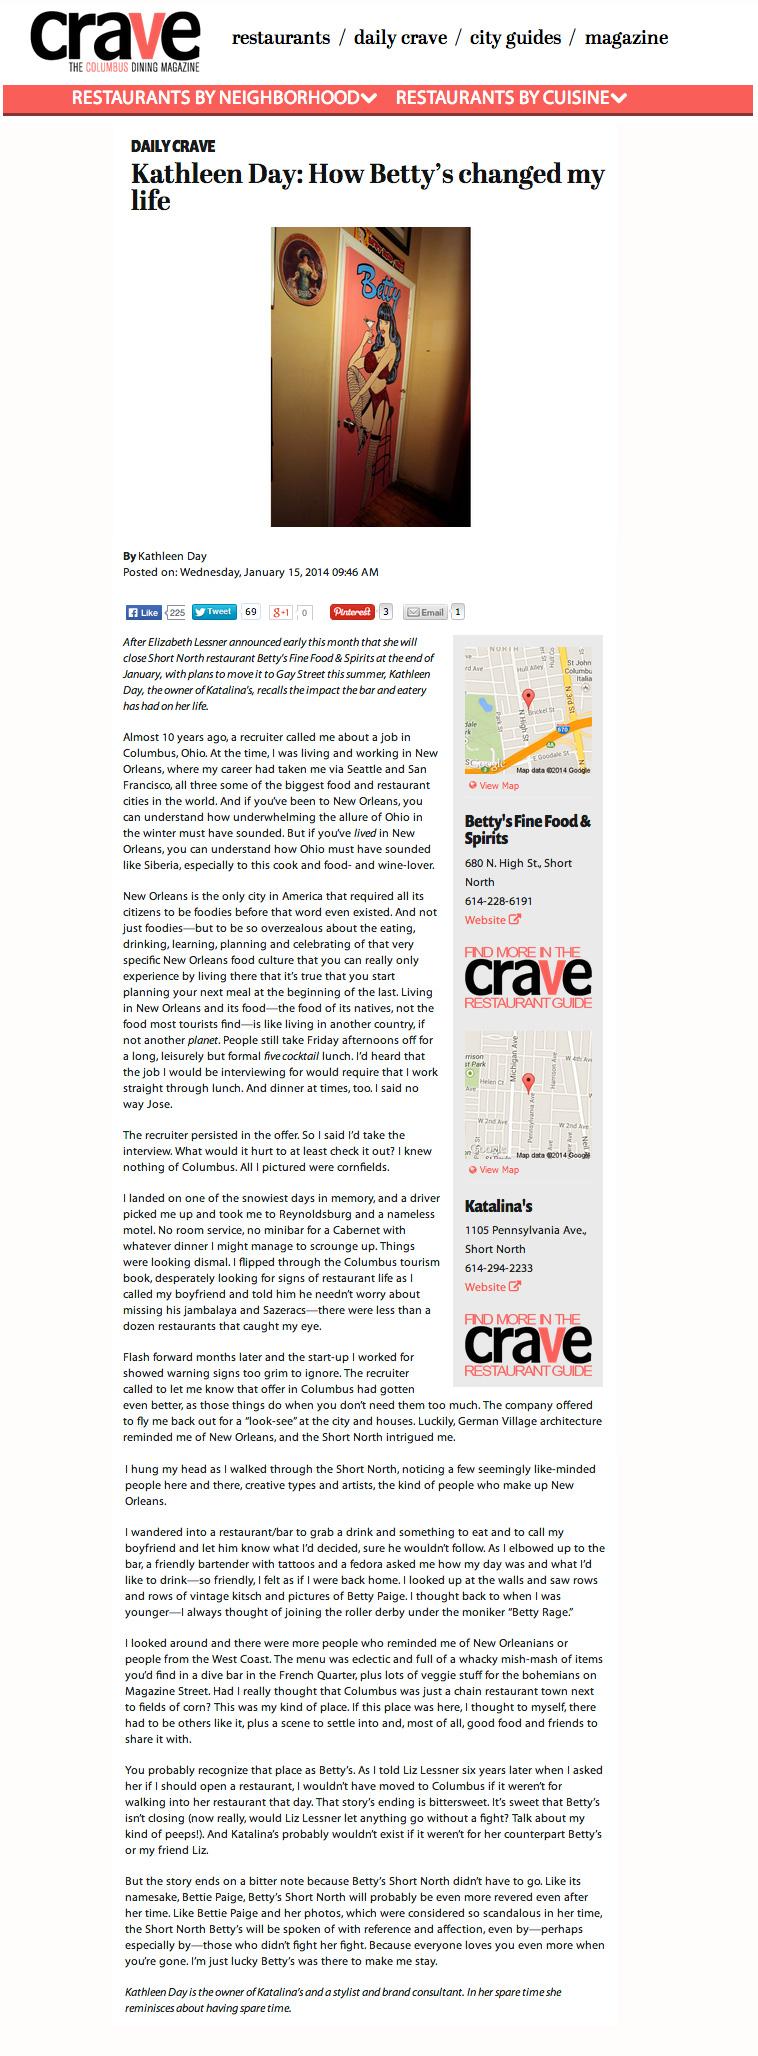 Columbus Crave, 2014. Read original article here.